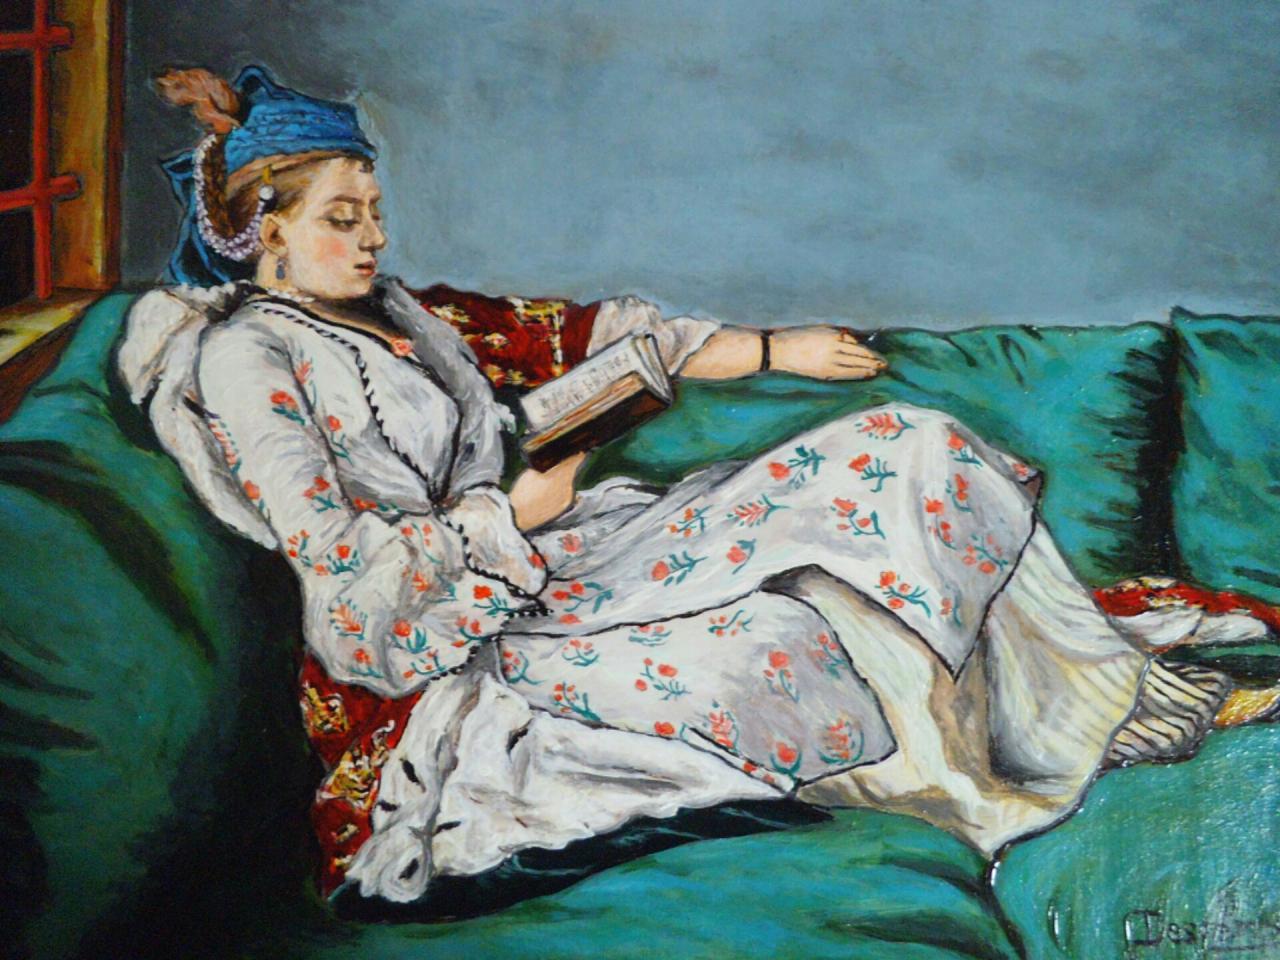 Marie-Adélaïde de France